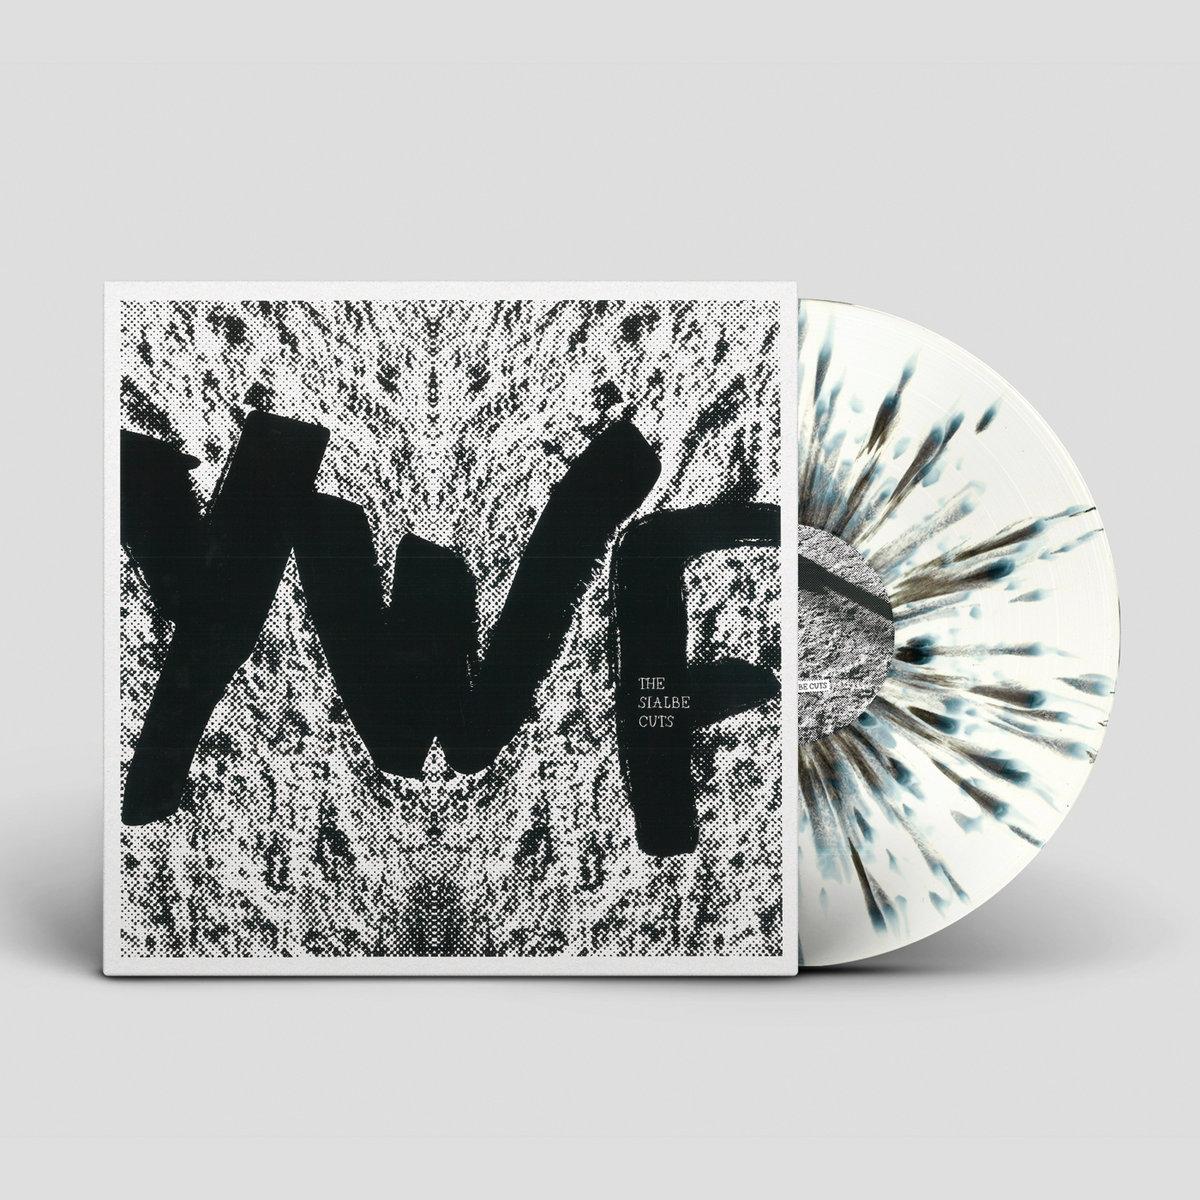 YWF – The Sialbe Cuts